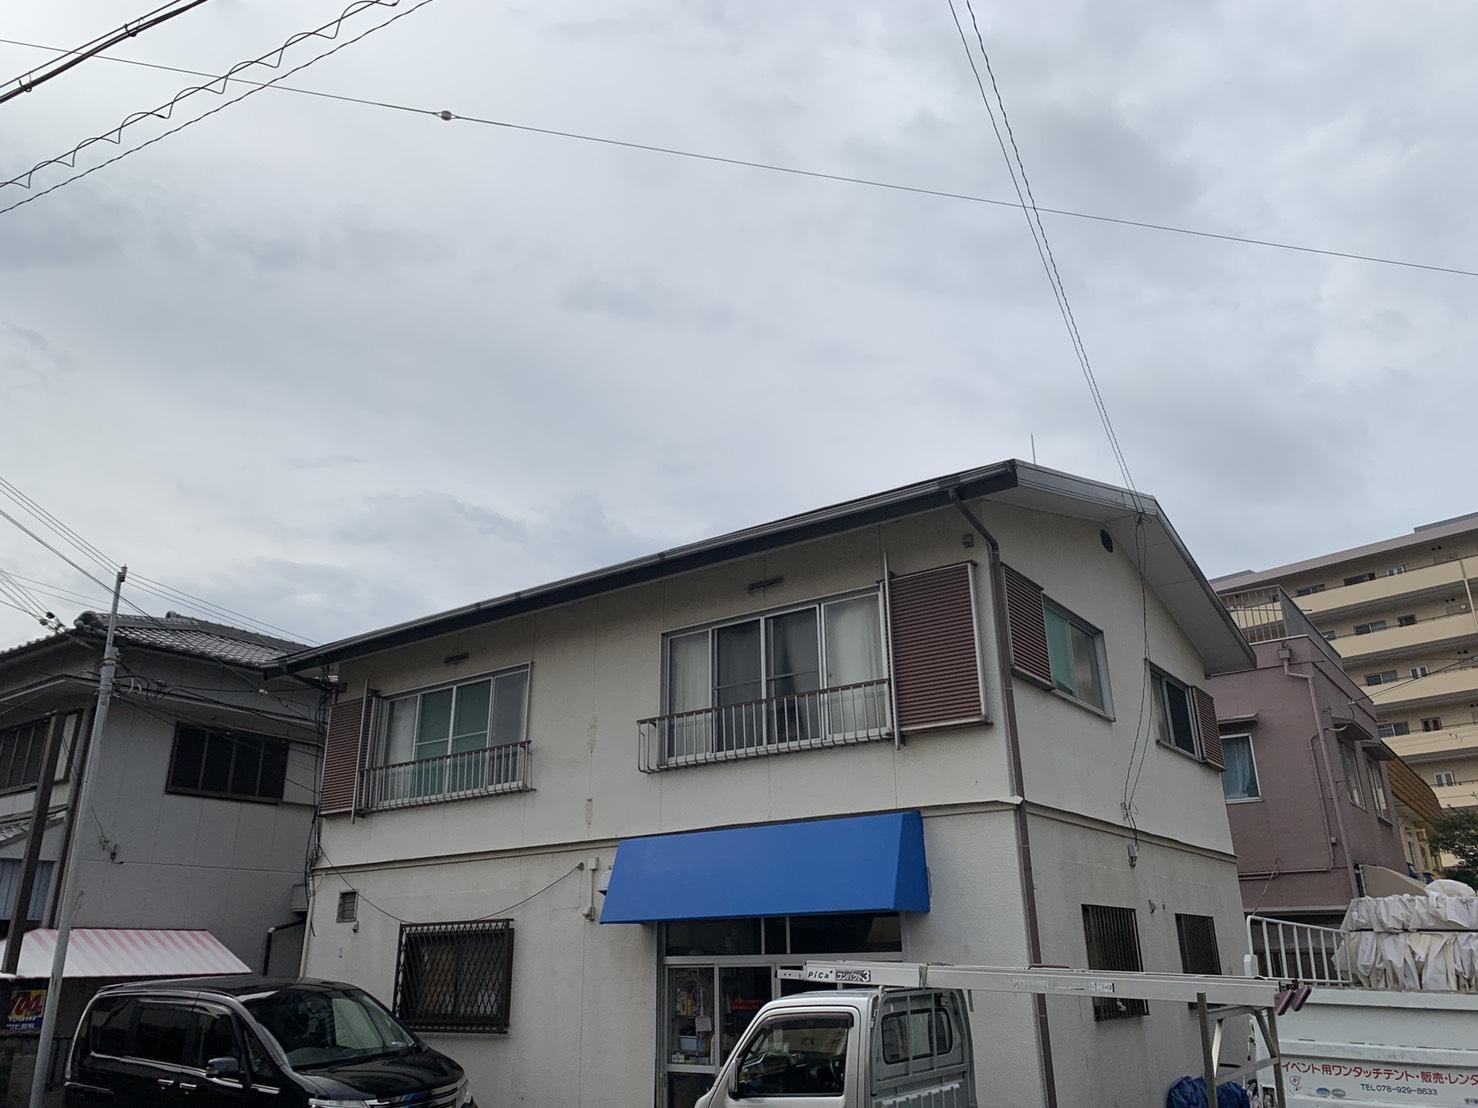 加古川市でスレート屋根の雨漏り調査を行った現場の様子